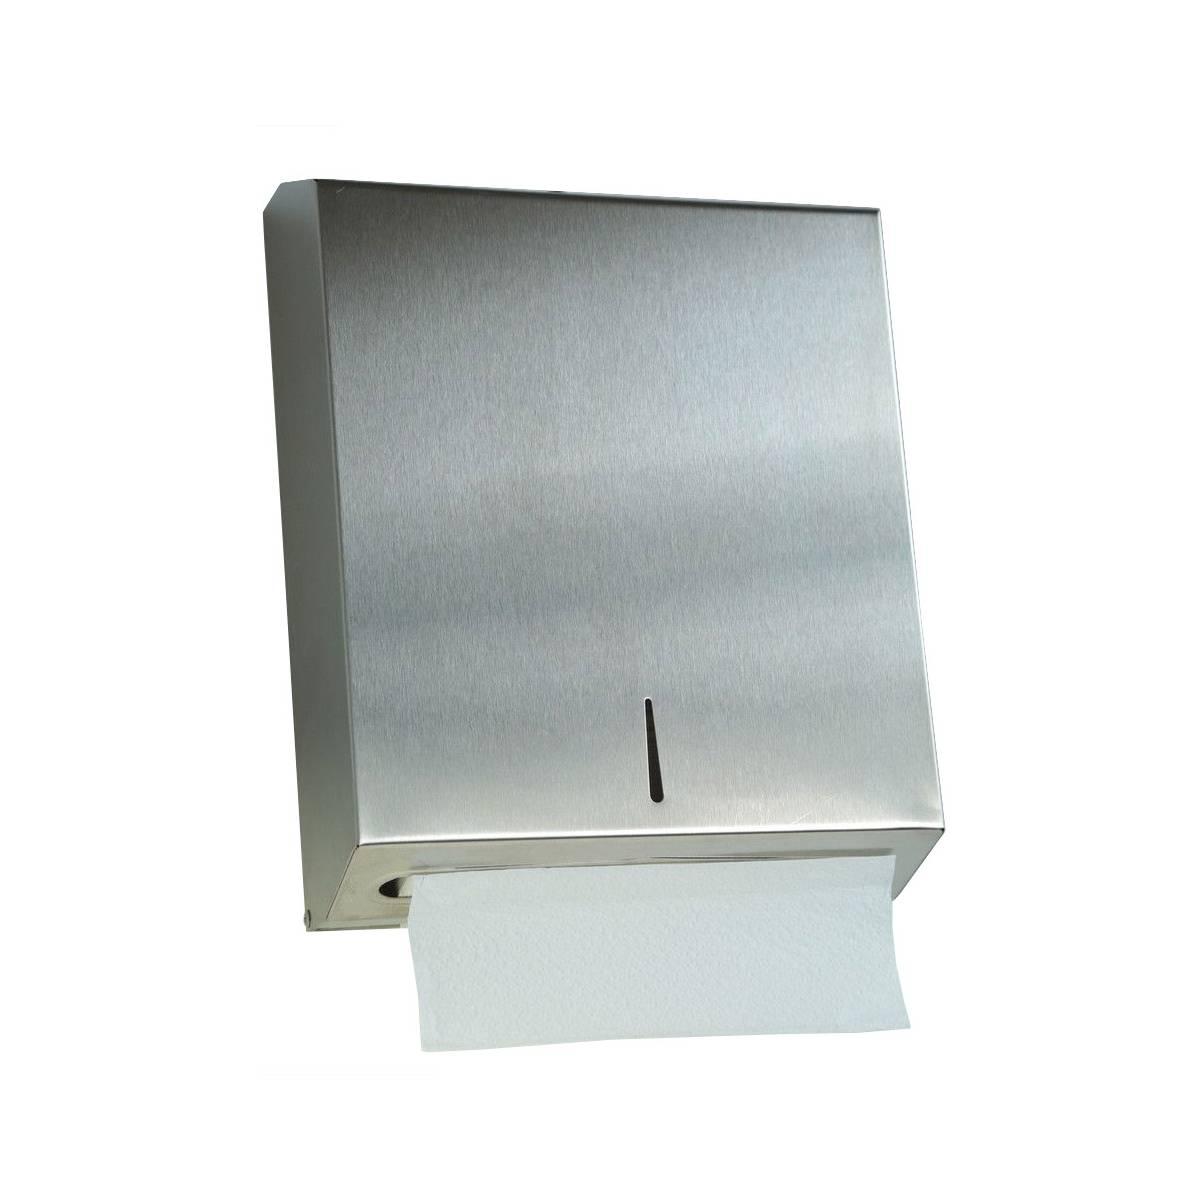 Навесной диспенсер для бумажных полотенец на 400 листов 4922.3226P.304.00 Maxiflow